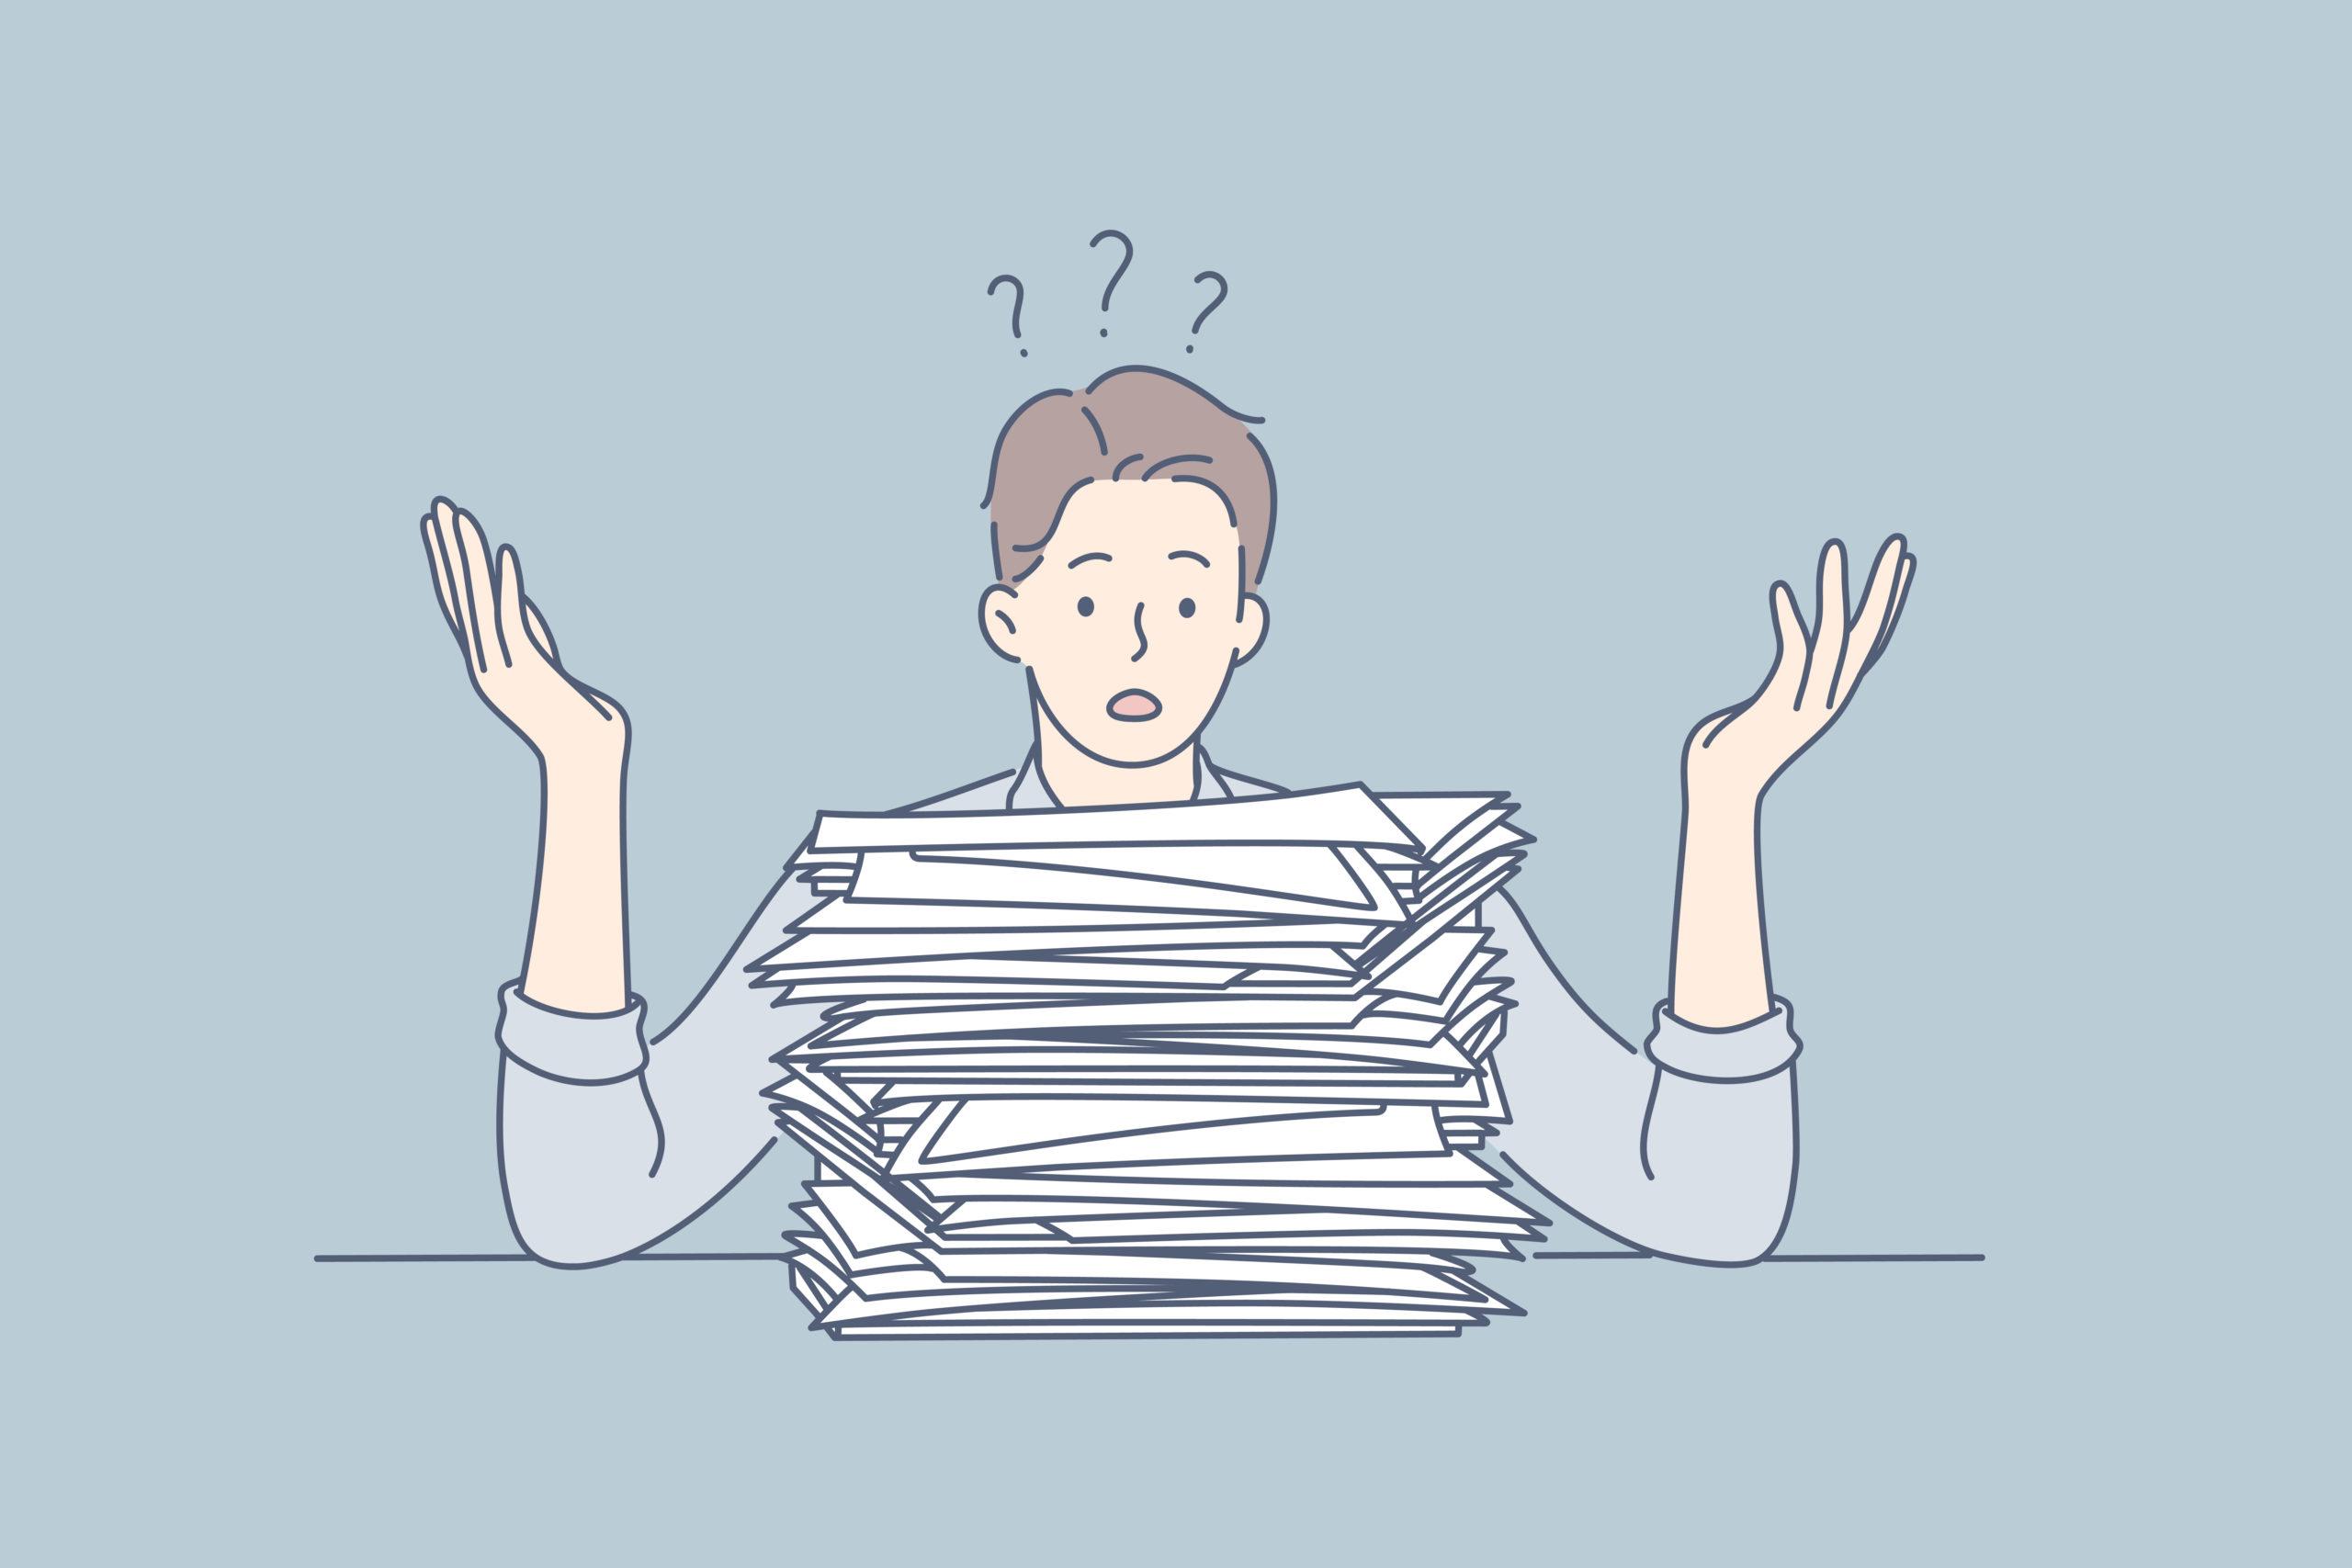 【簡単5分】開業届と青色申告書の書き方【副業アフィリエイトを始めたら提出】